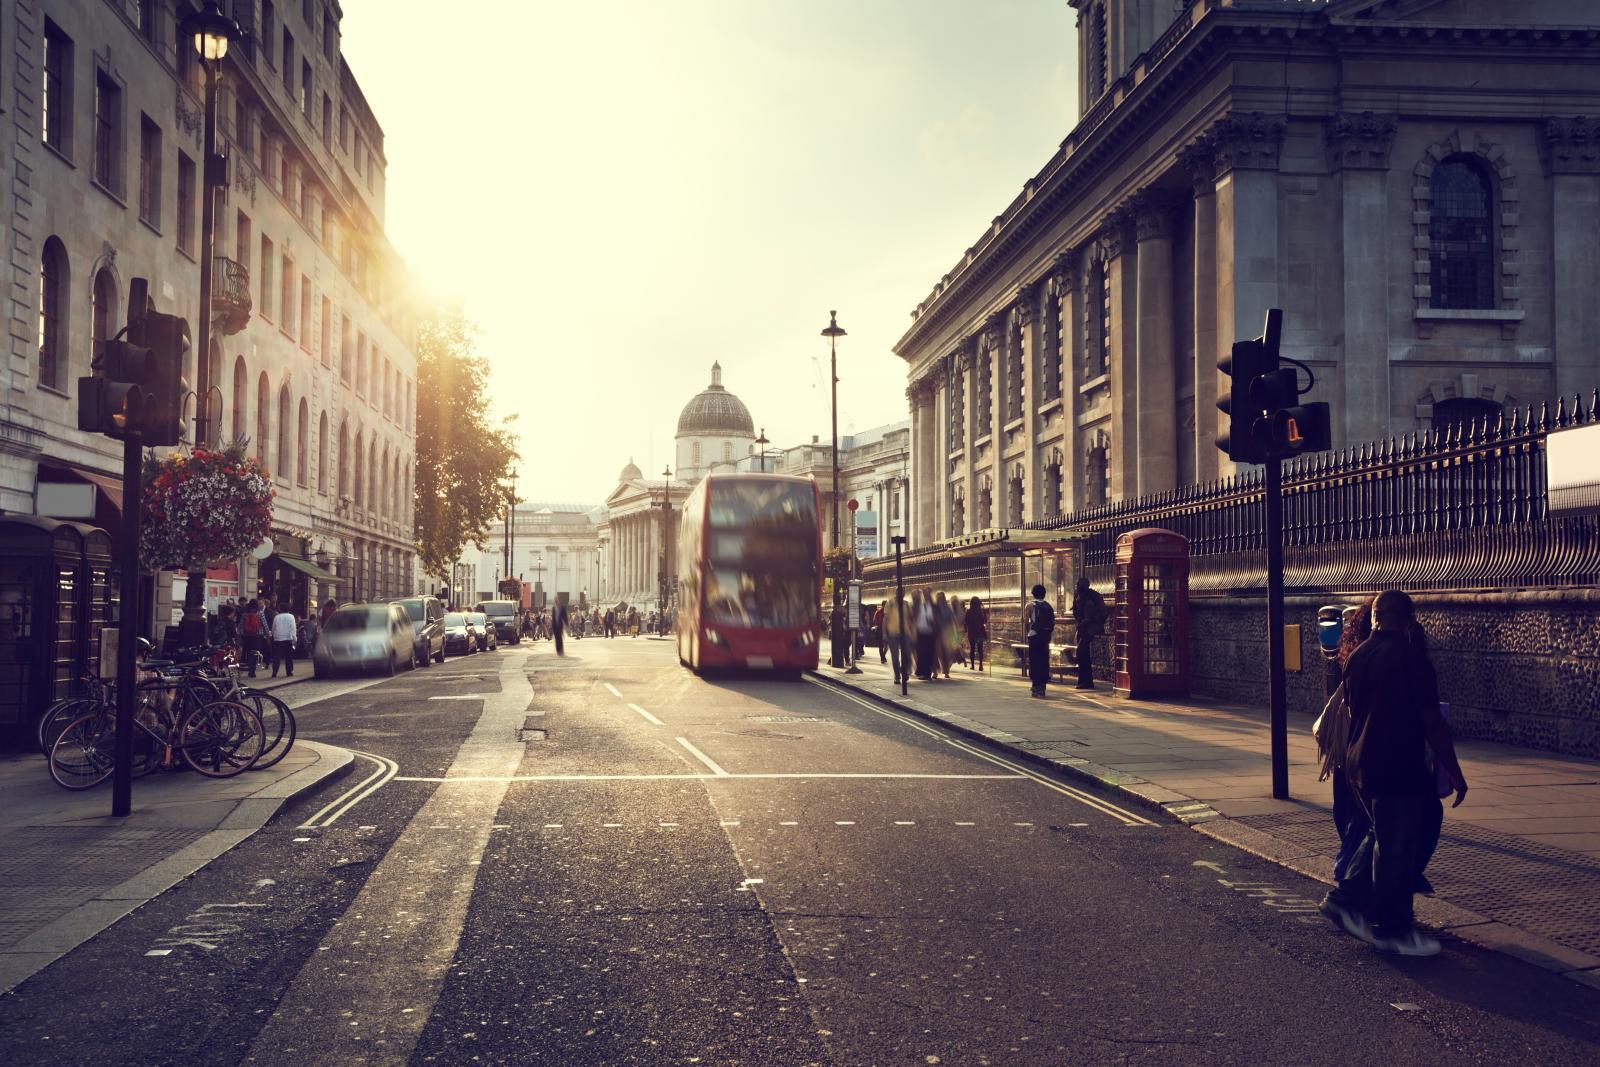 Wallpaper Hd Arsenal Top 10 Sehensw 252 Rdigkeiten In London Mit Uns Habt Ihr Den